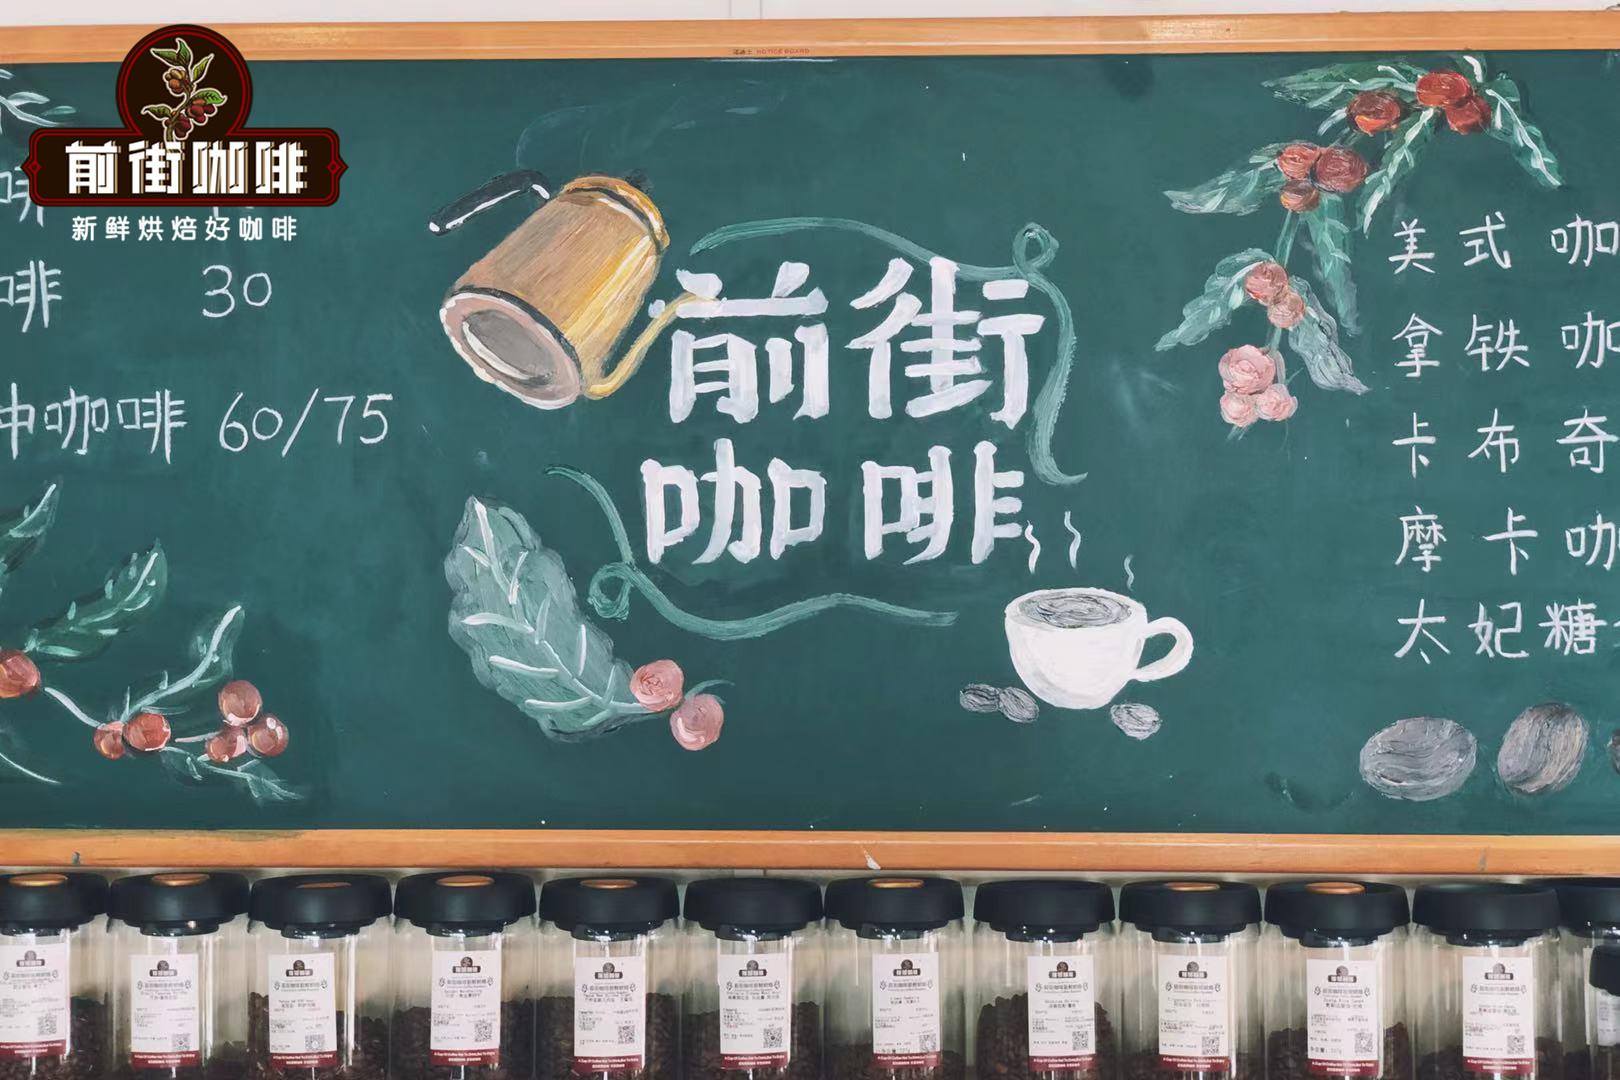 long black是什么咖啡?与美式咖啡相比有什么区别?澳黑咖啡介绍